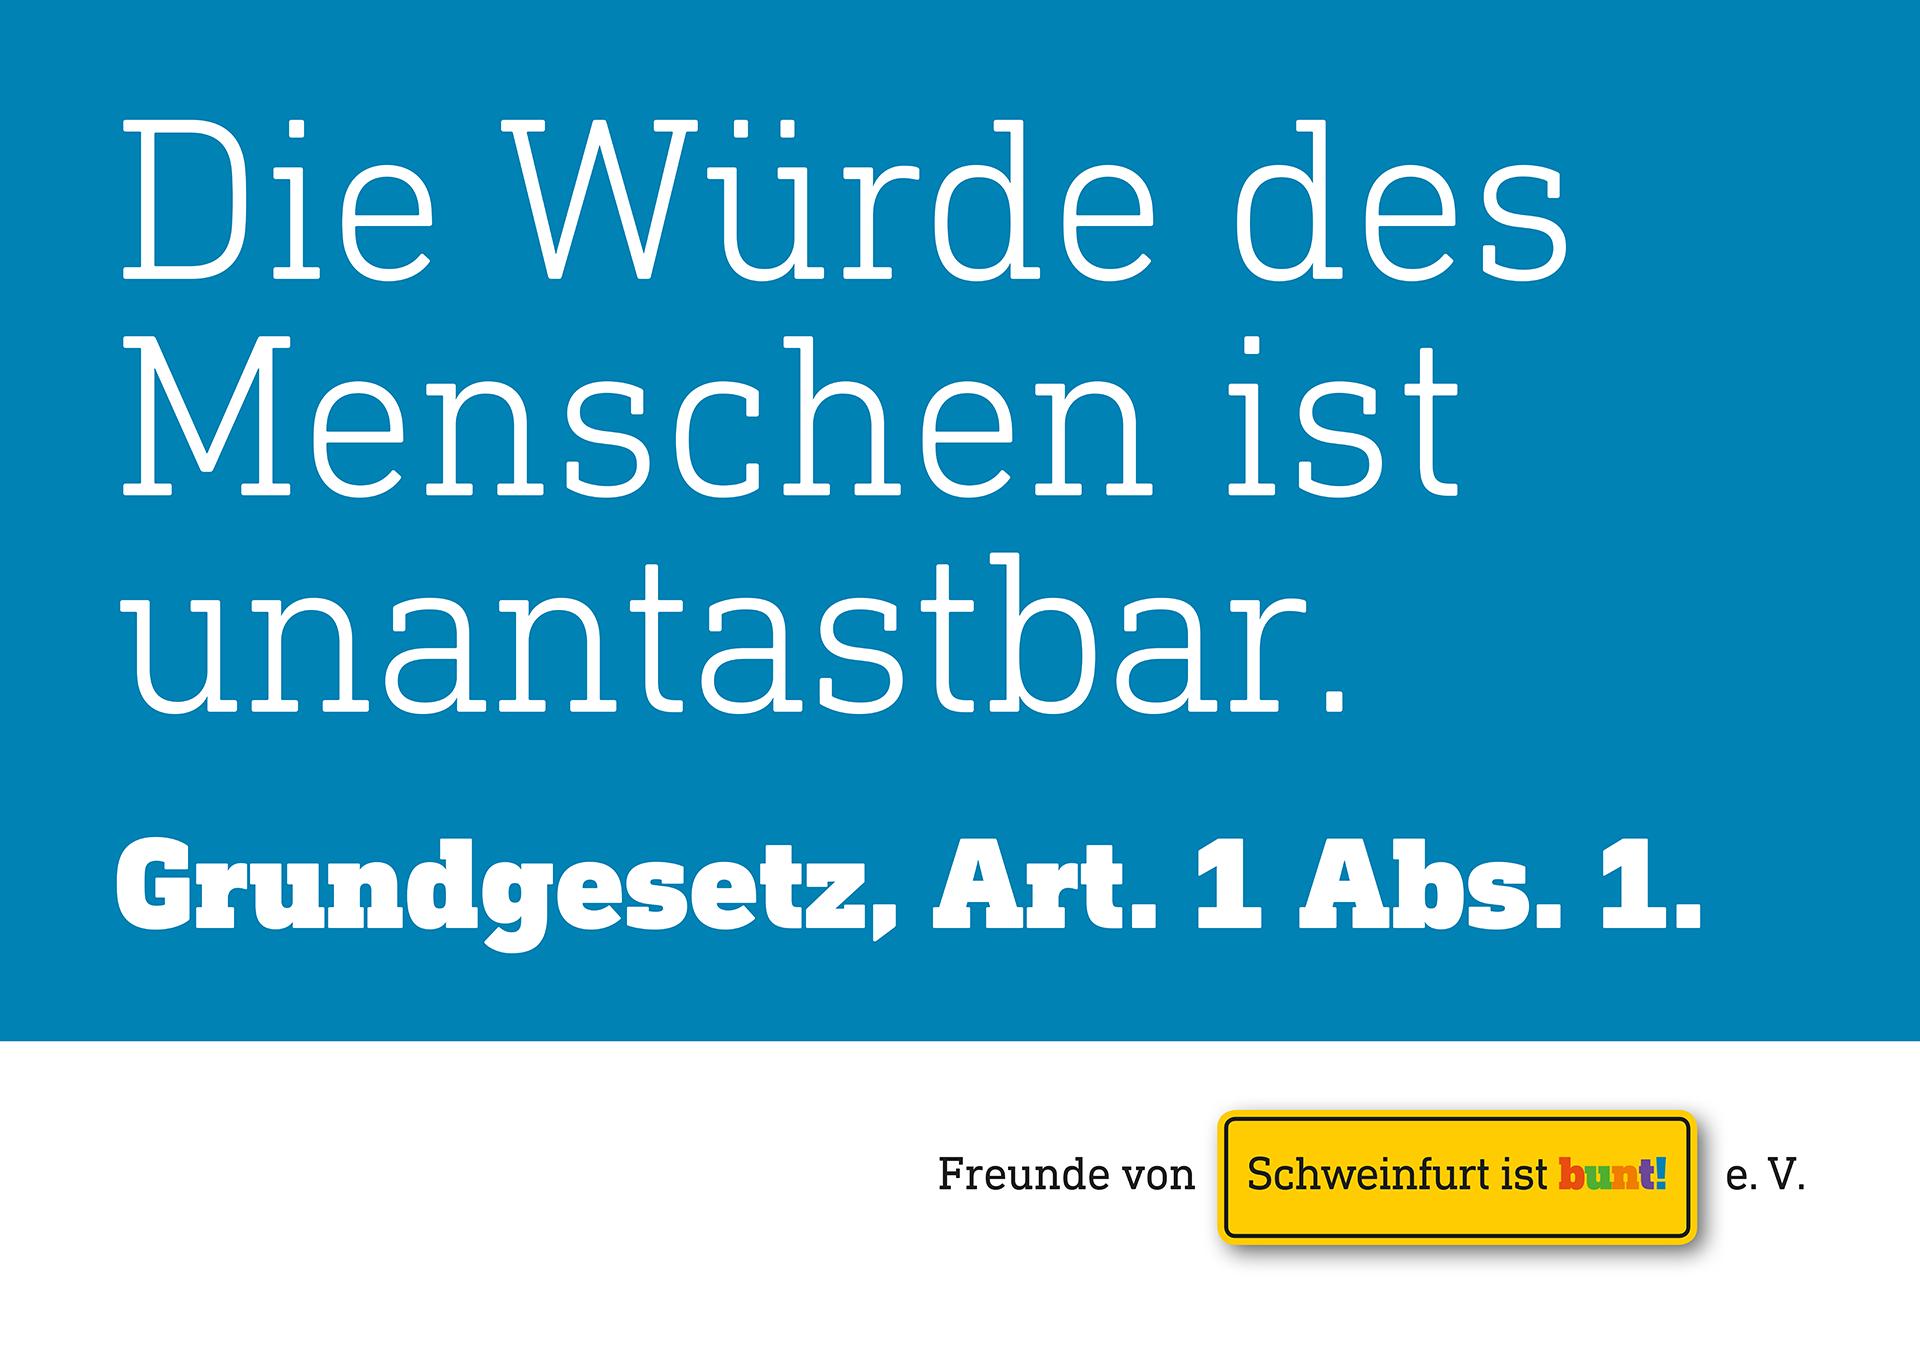 Schweinfurt ist bunt horizontal 6